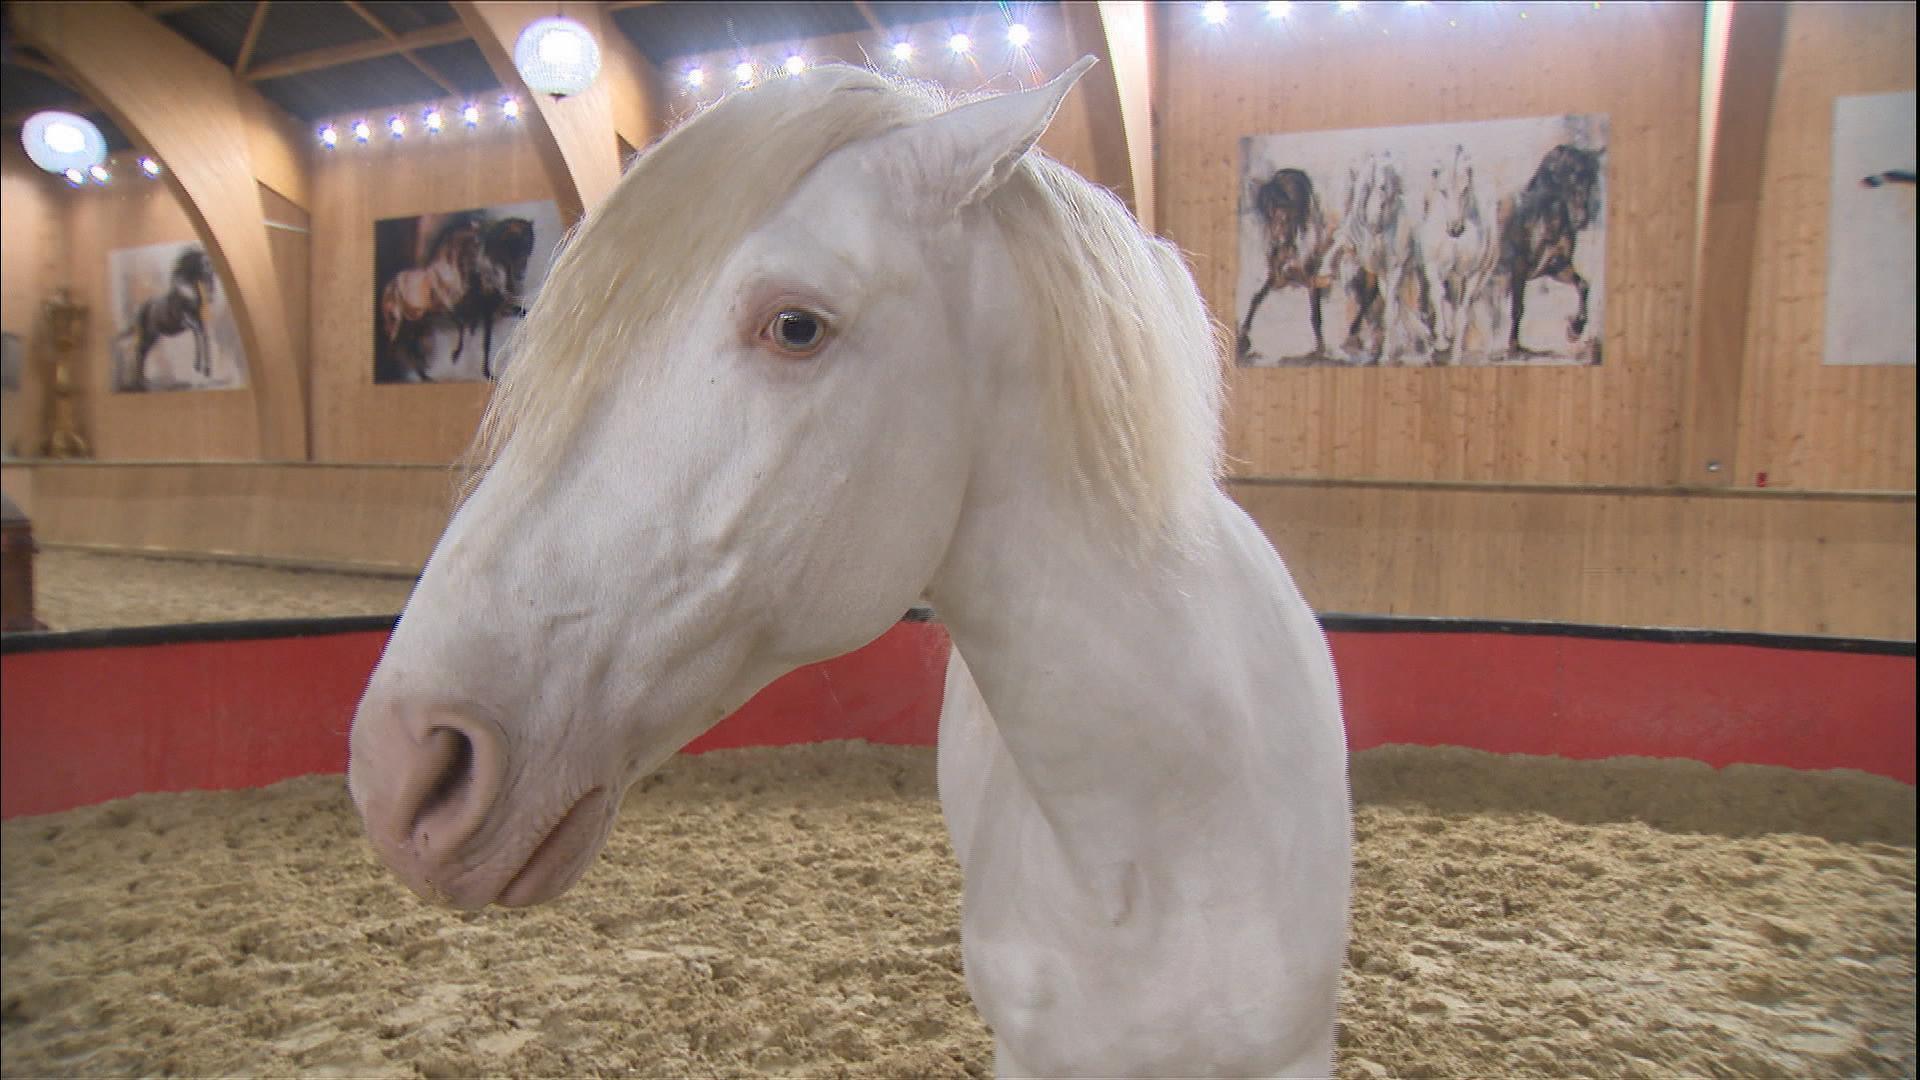 HORSE ORIGINS